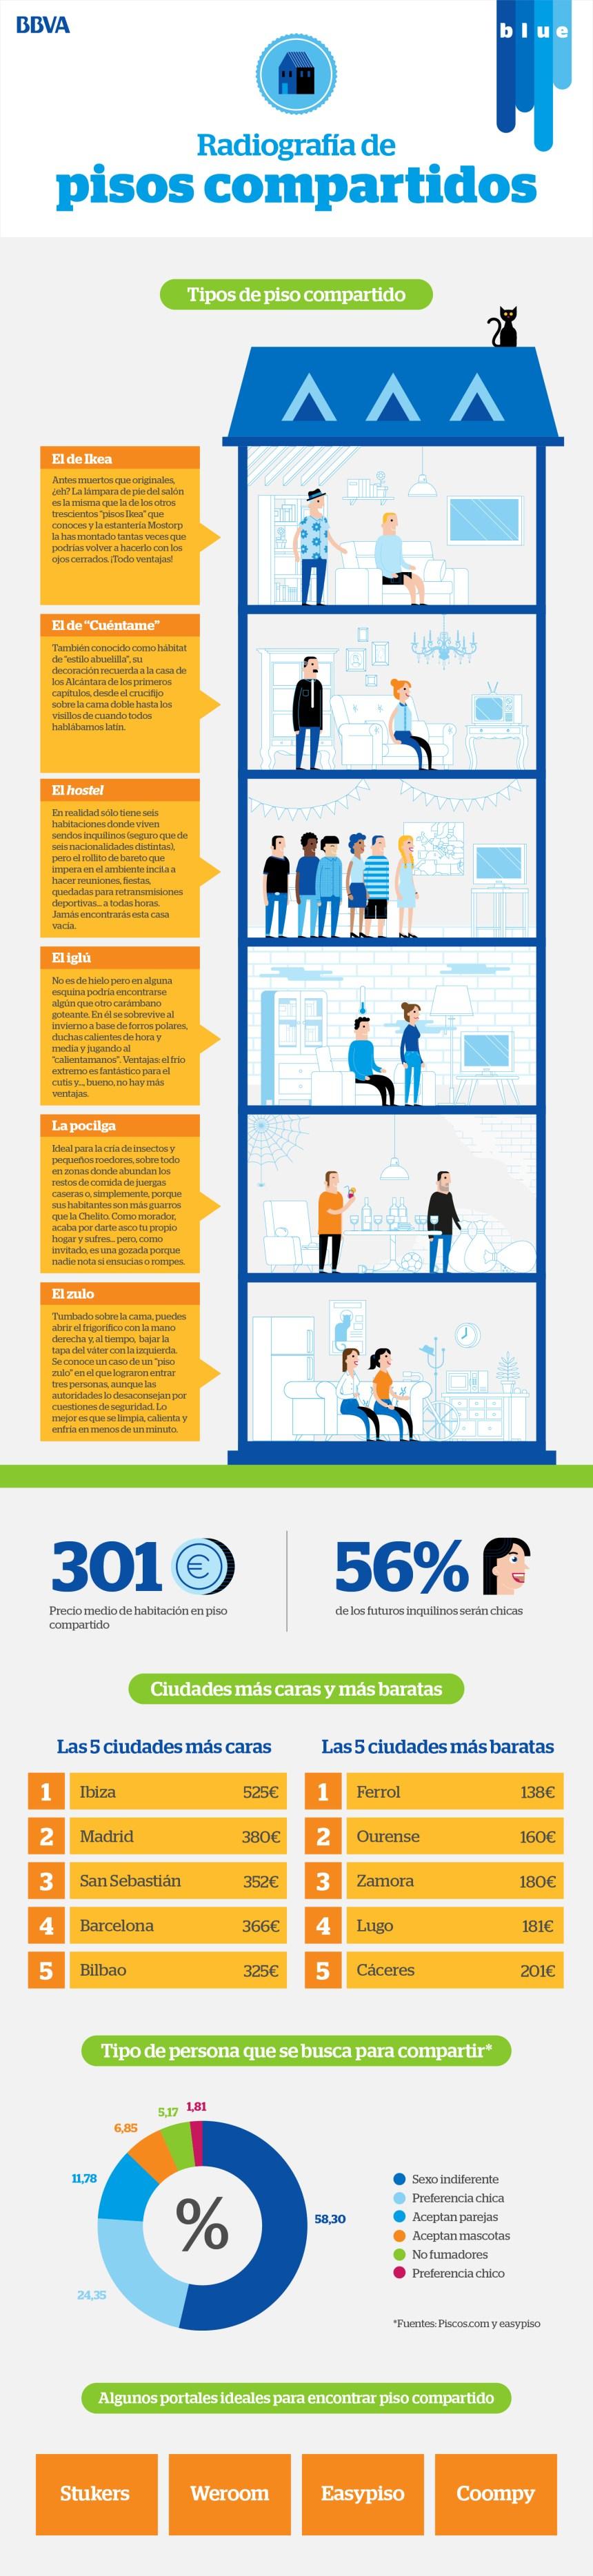 radiografia-pisos-compartidos-infografia